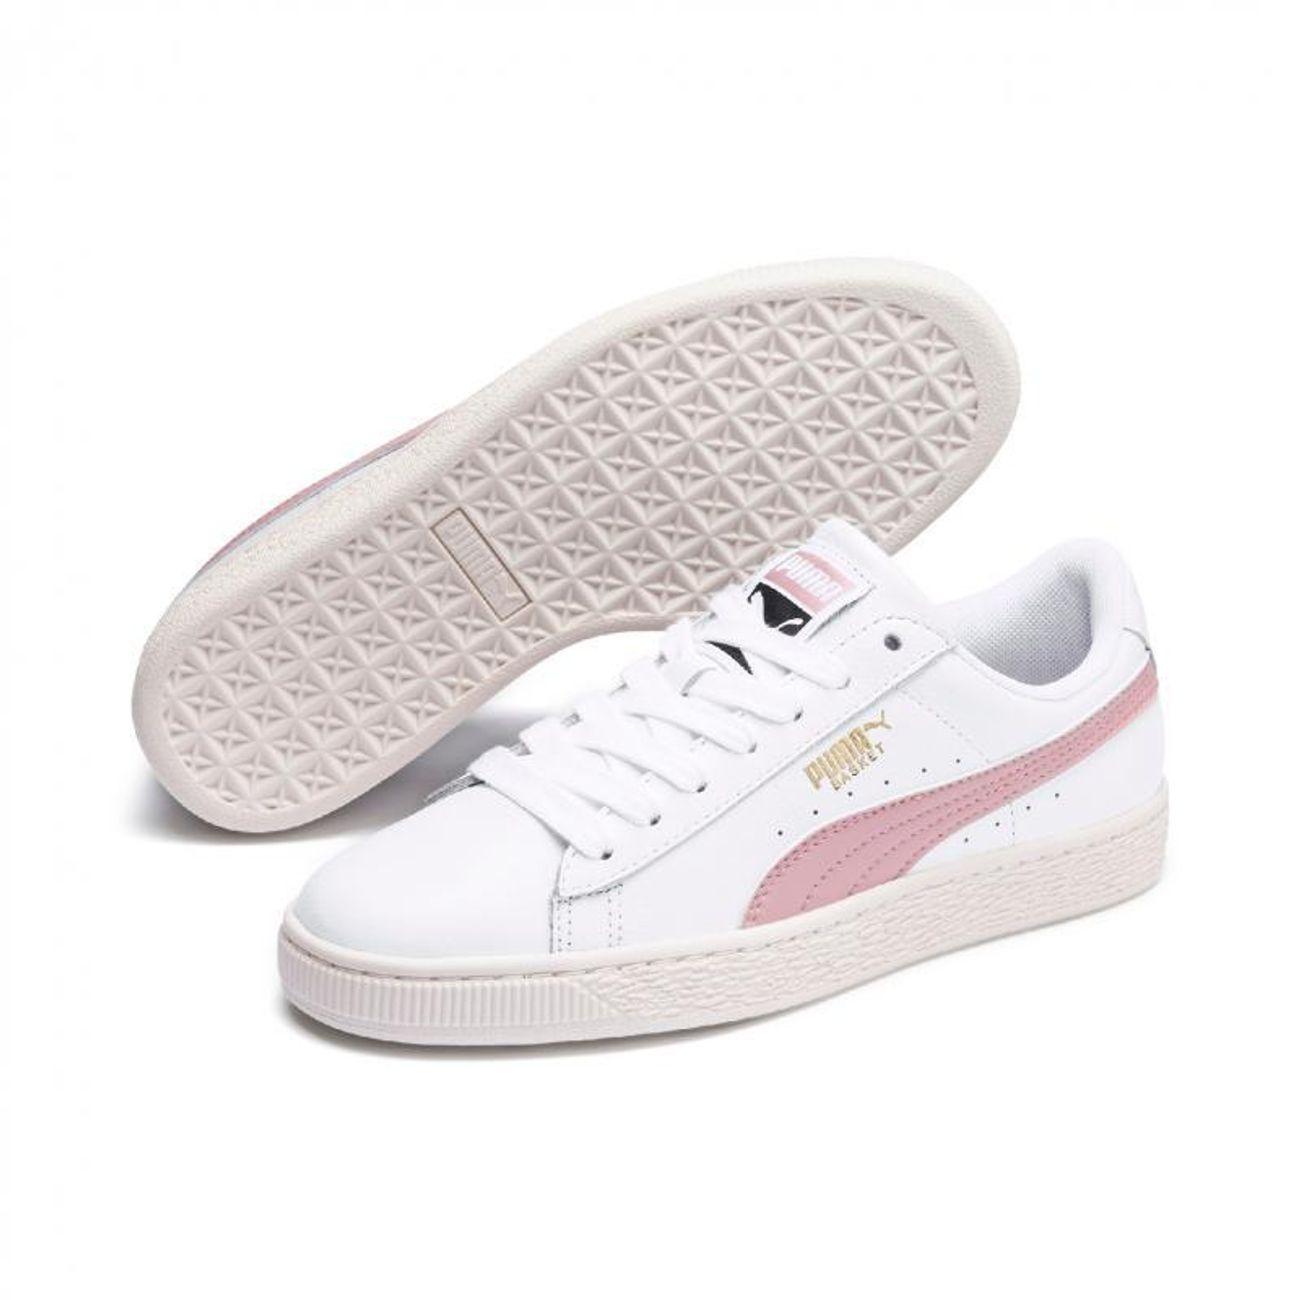 chaussures femme puma sport